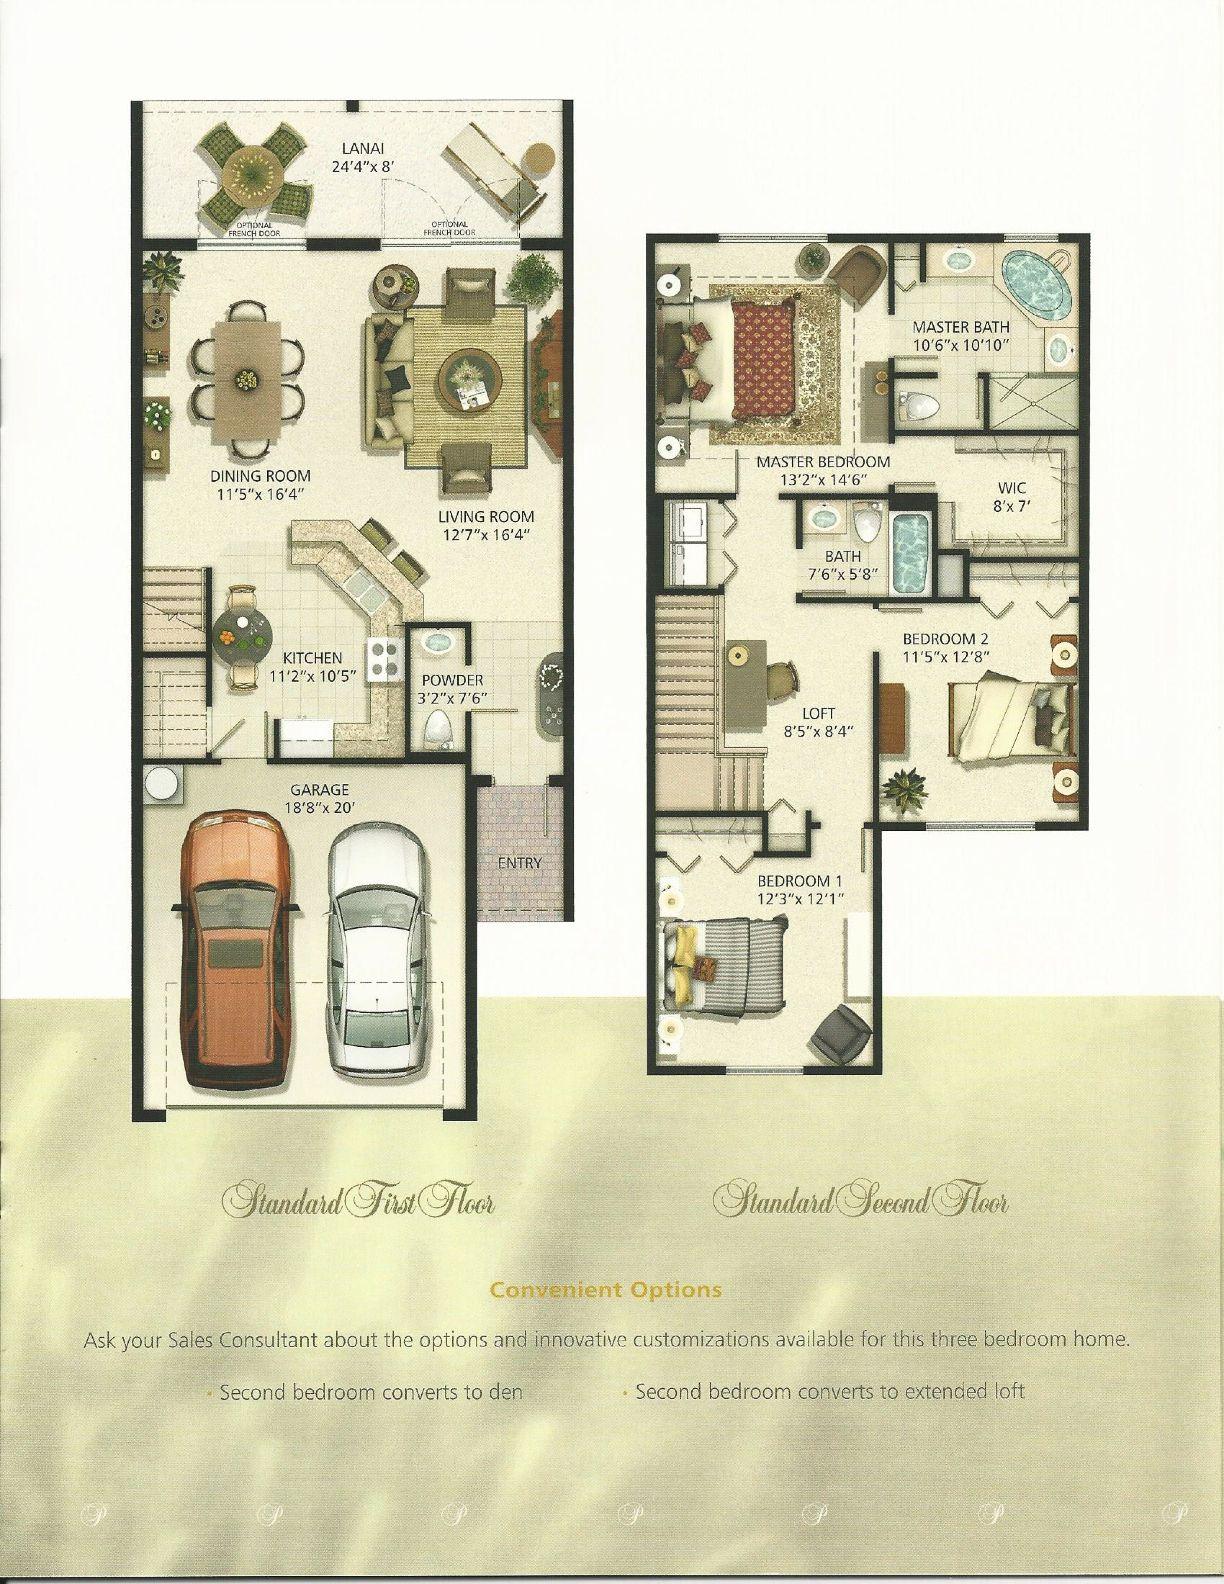 Portofino Meadows Ambrosia Floor Plan In Fl Floor Plans Portofino Lanai